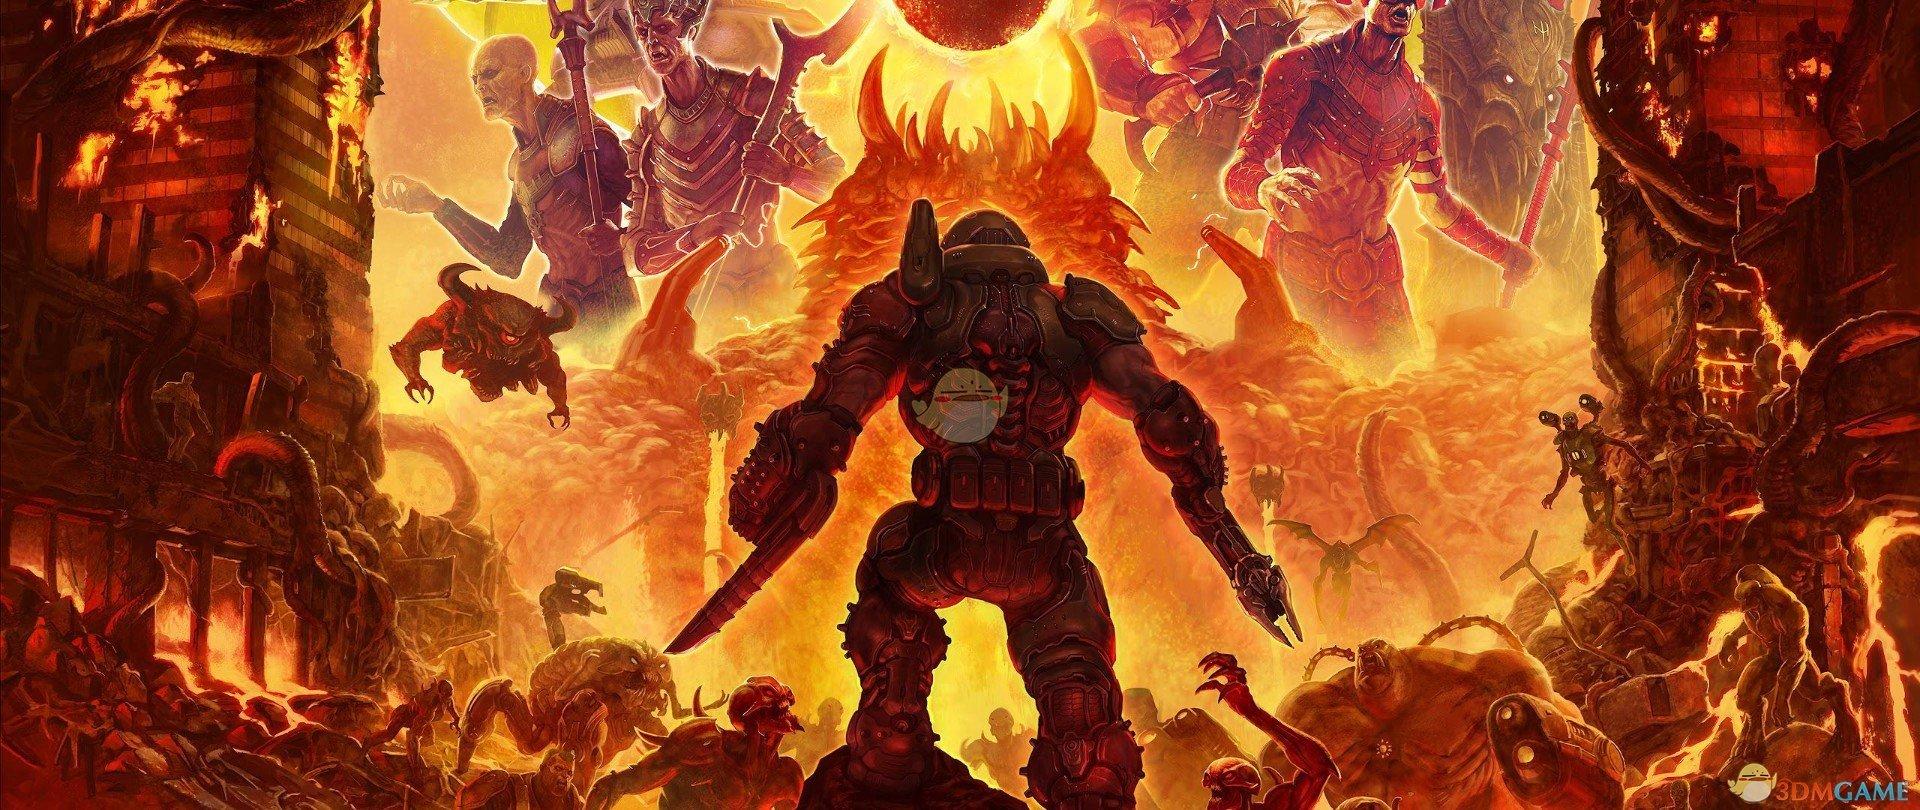 《毁灭战士:永恒》doom hunter打法介绍